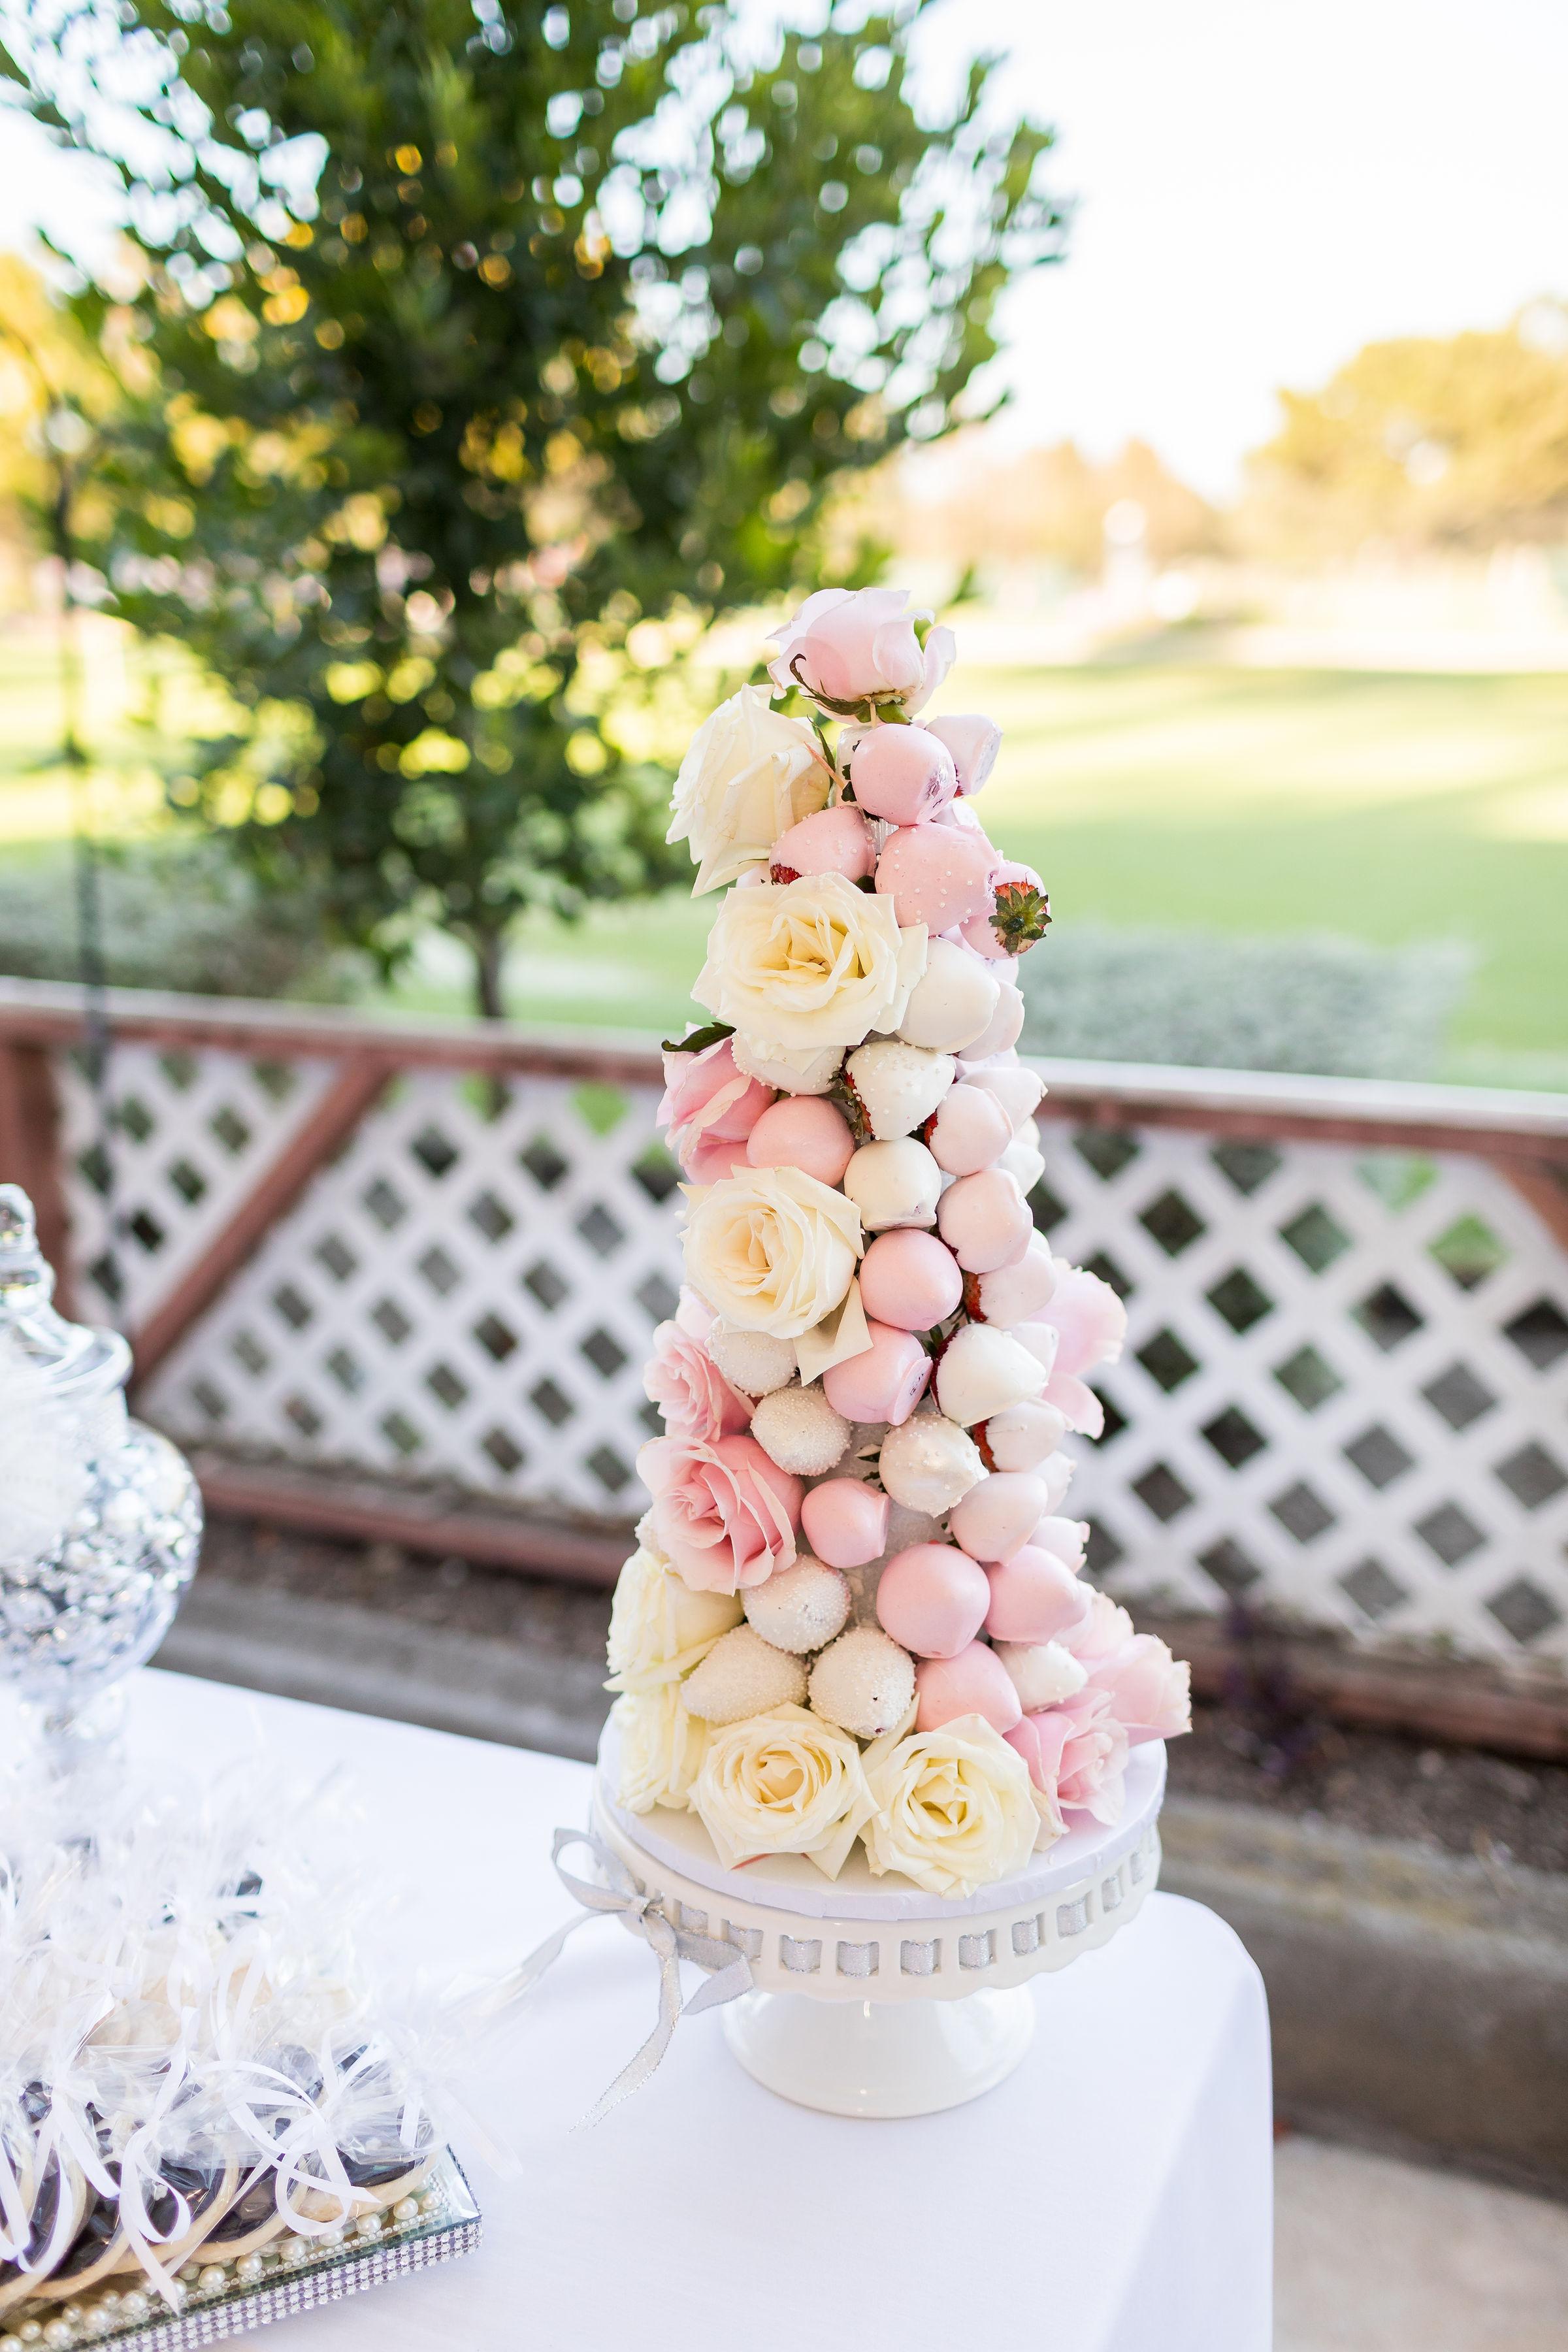 Wedding Dessert Table Snack Inspo Pic.jpg